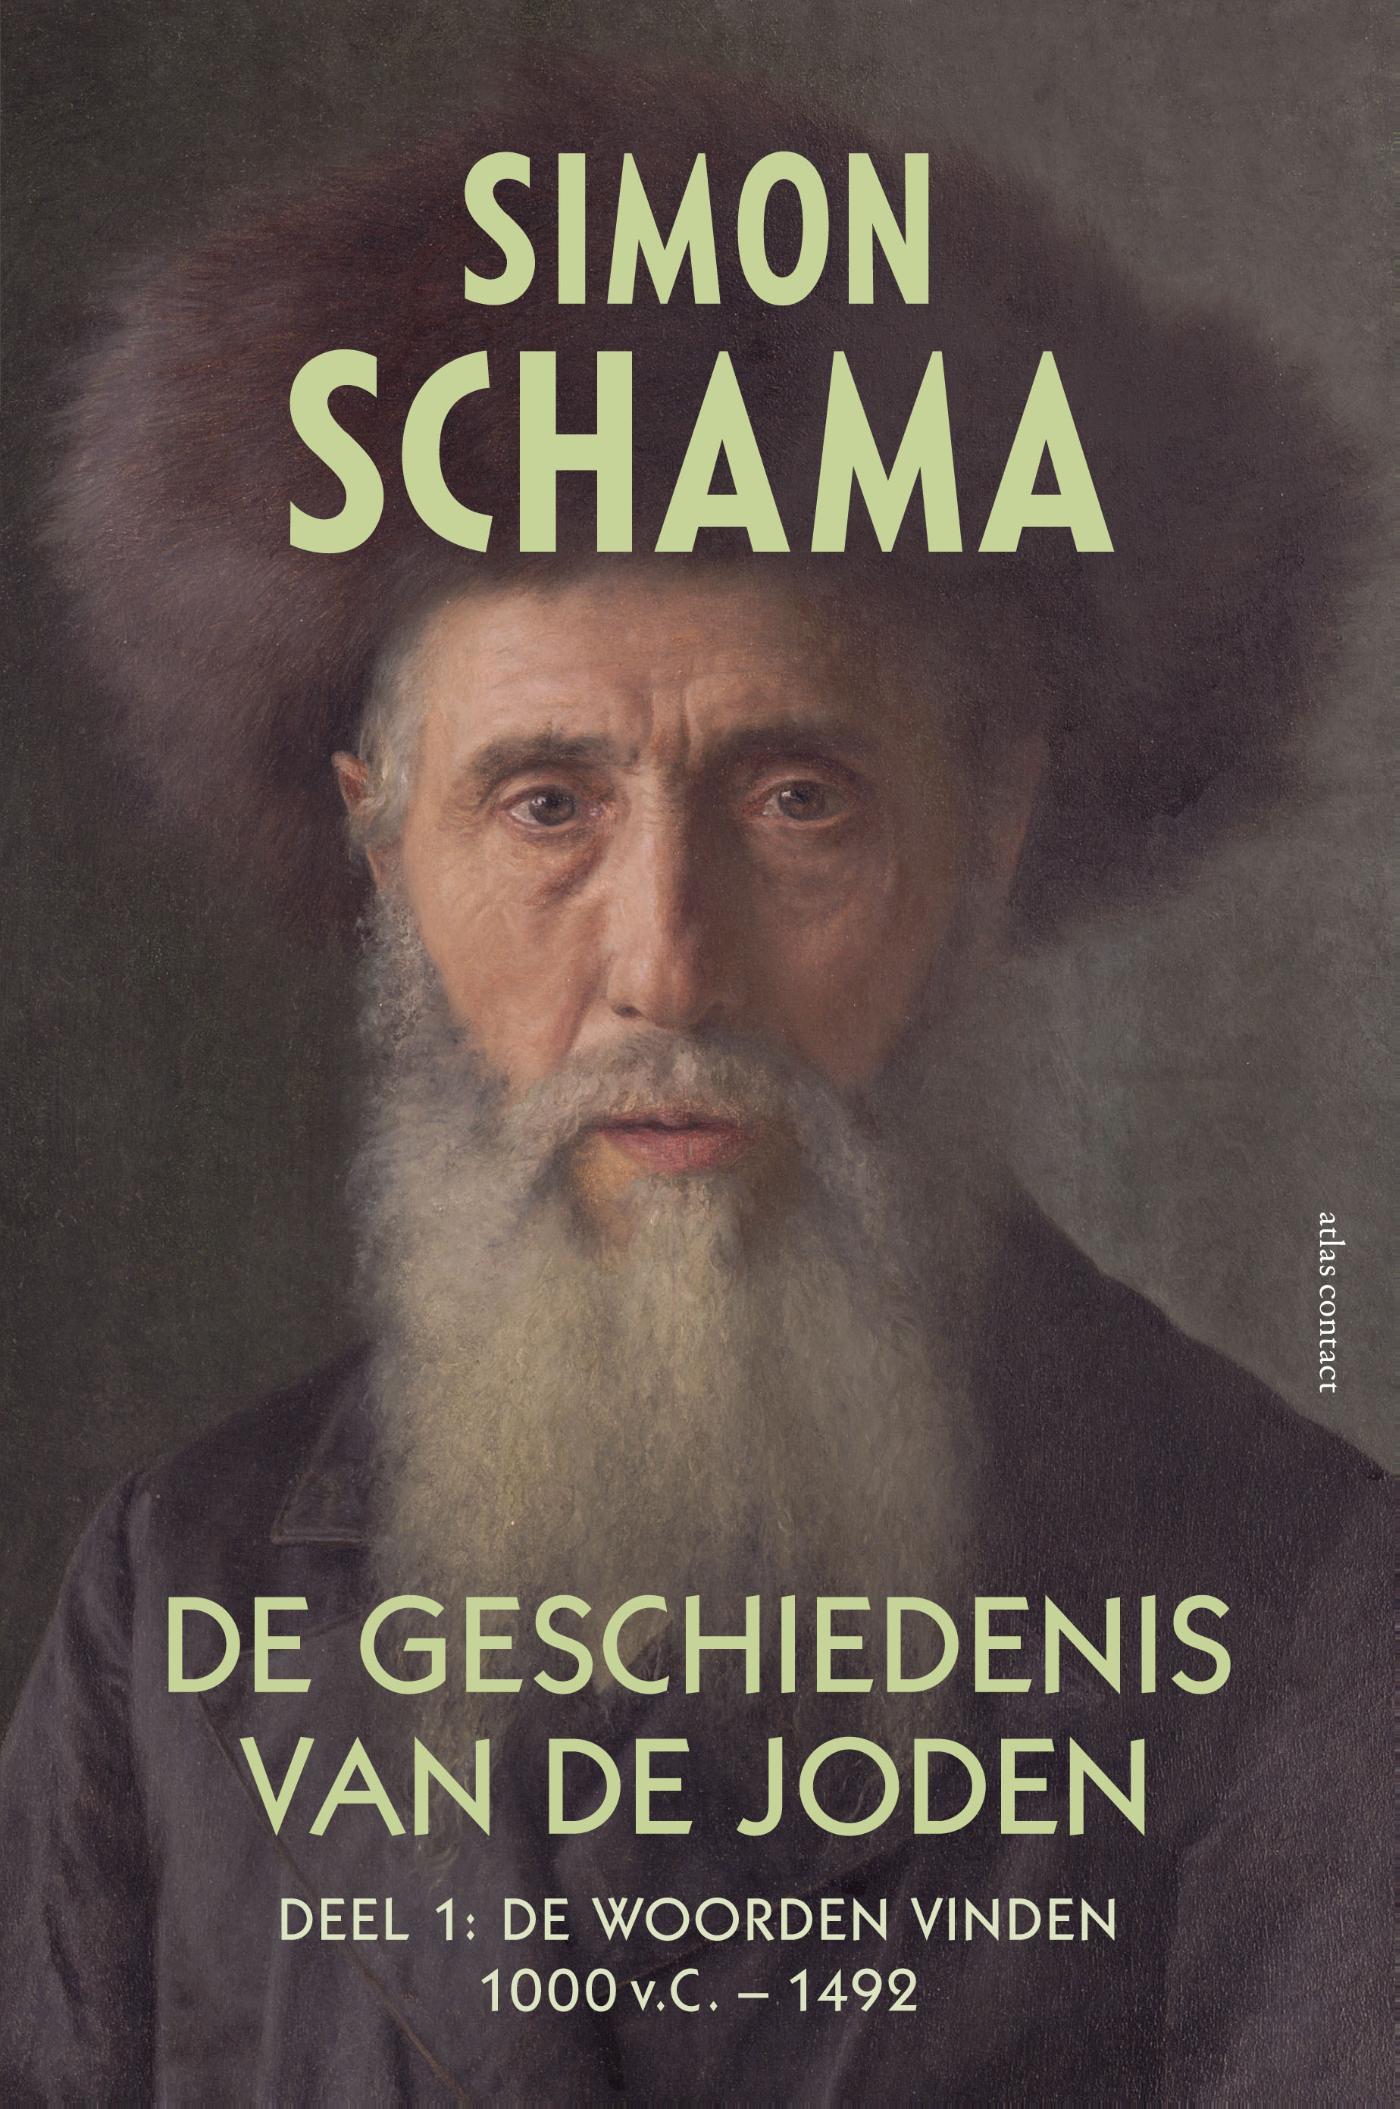 De geschiedenis van de Joden 1 - 1000 v.C. - 1492